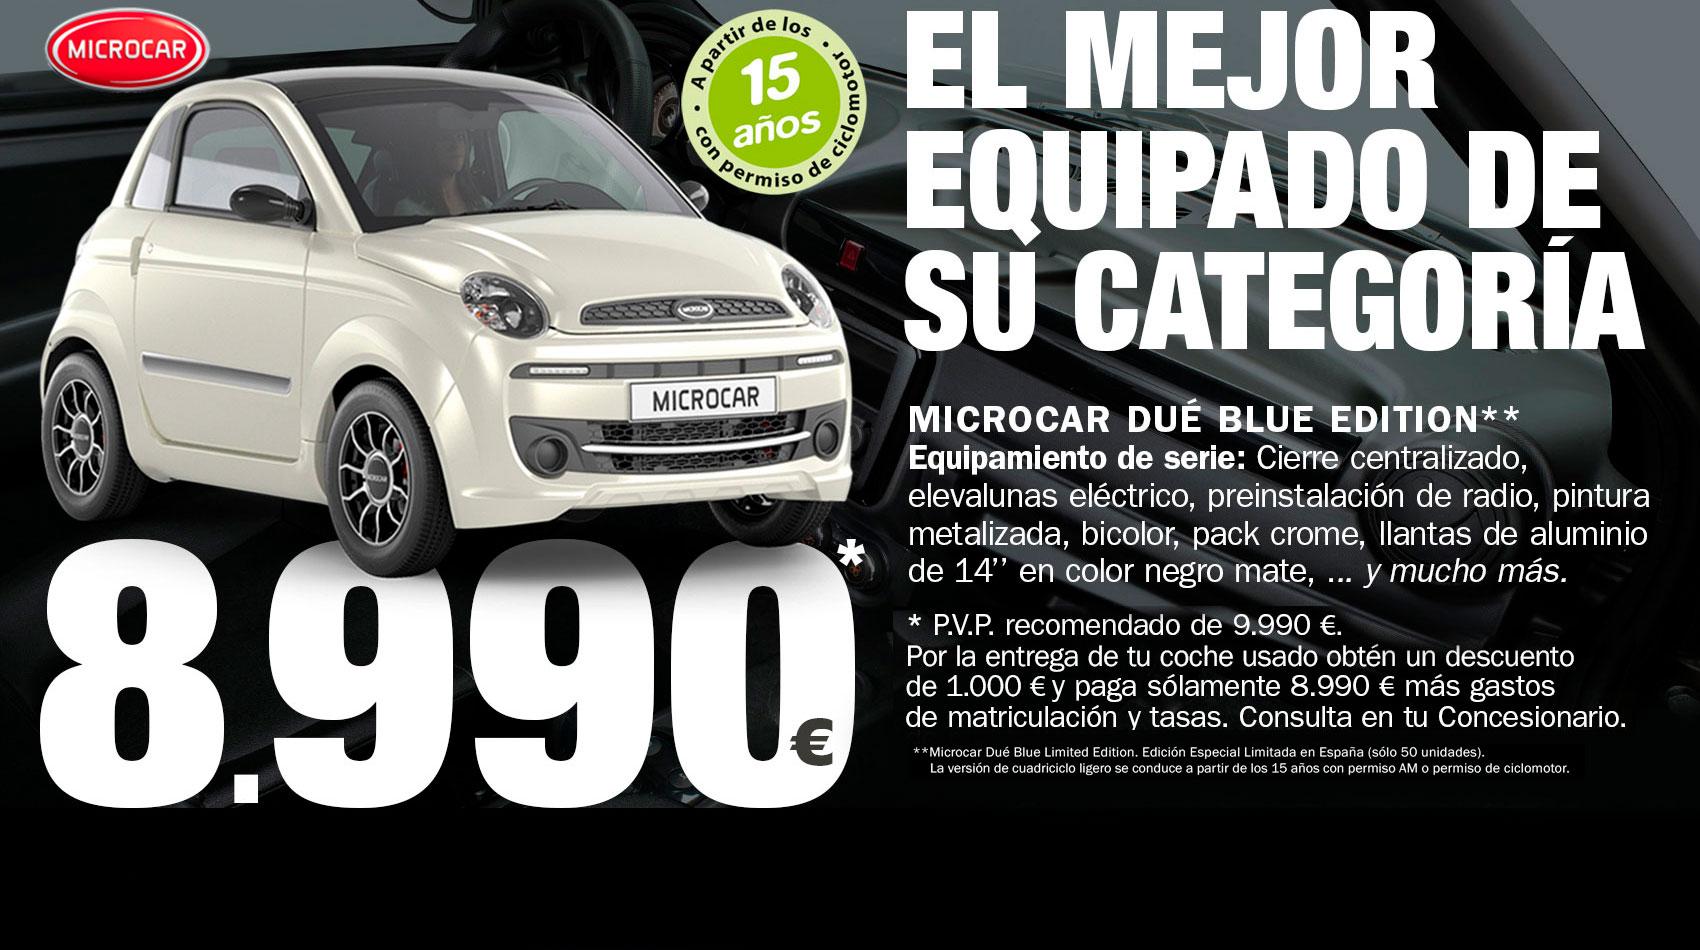 Microauto Center Alicante, Concesionario Oficial Ligier y Microcar en San Vicente del Raspeig (Alicante)